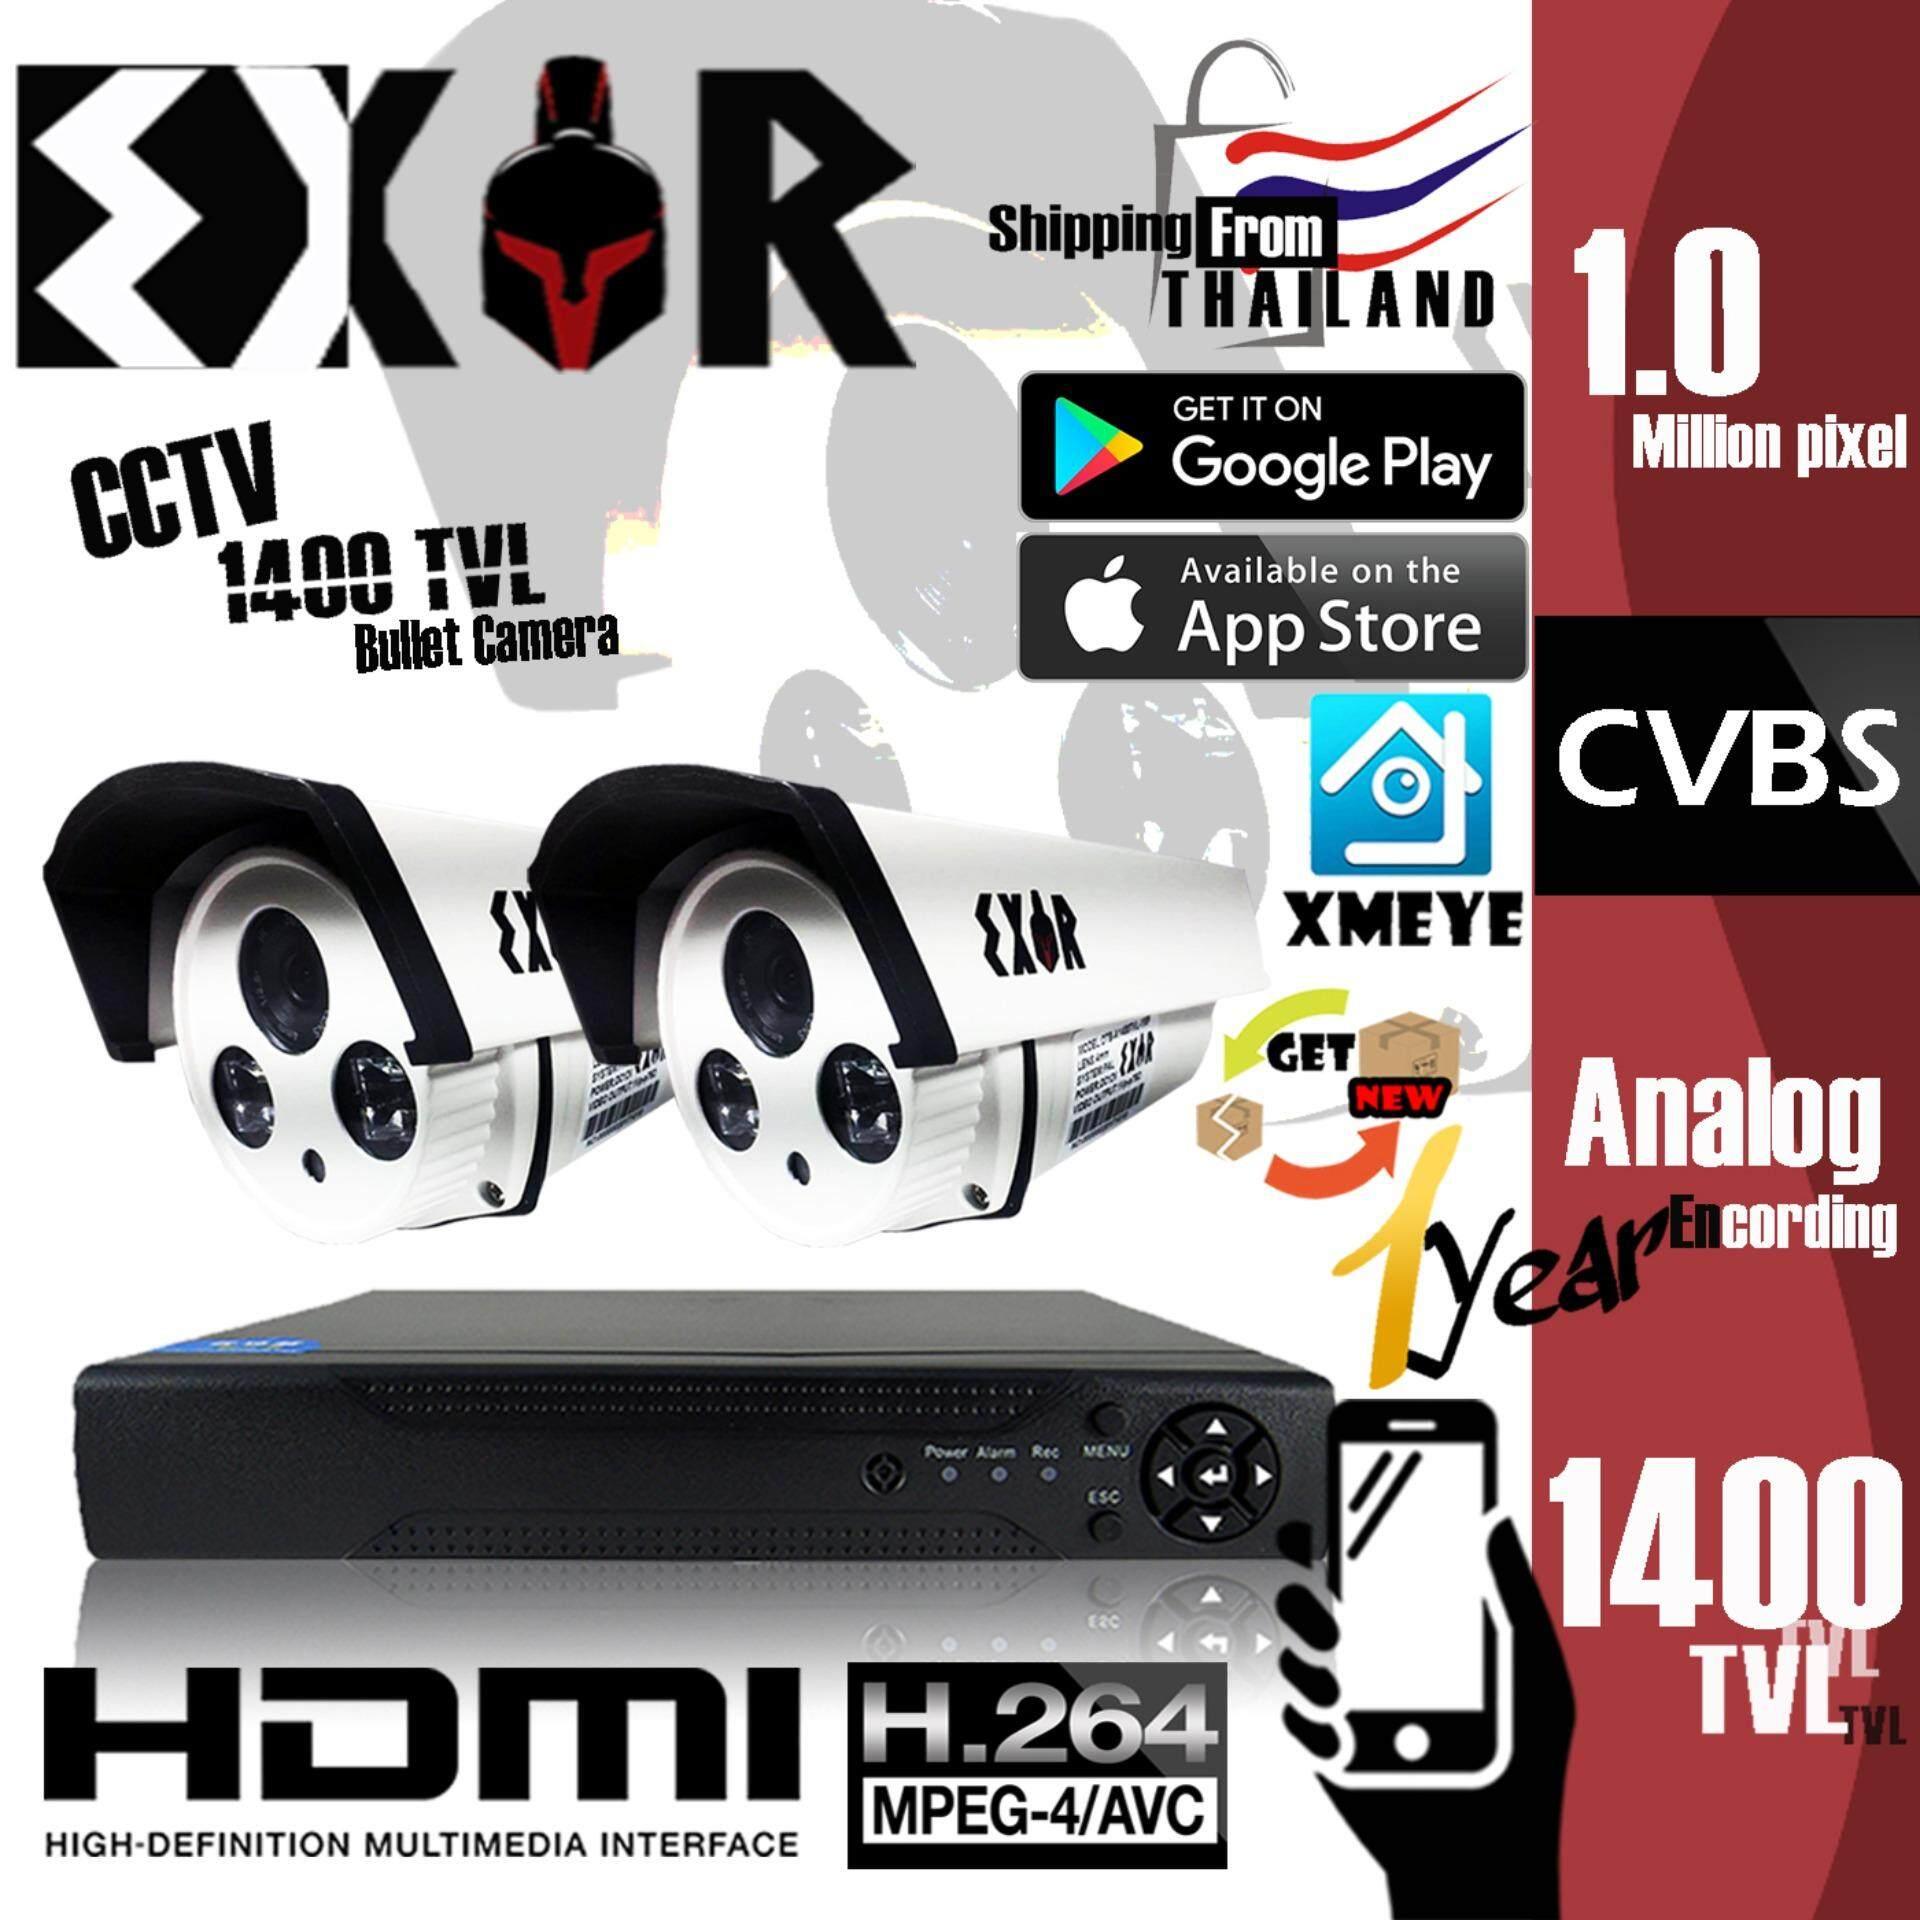 มาใหม่ ชุดกล้องวงจรปิด 4CH CCTV กล้อง Analog 1400 TVL 1.0 MP ทรงกระบอก กล้อง 2ตัว เลนส์ 4mm / IR-Cut / Night Vision / Day&Night / Water Proof พร้อมเครื่องบันทึก 4CH Analog 960H DVR Digital Video Recording ฟรีอะแดปเตอร์ และขายึดกล้อง ทนแดด ทนฝน